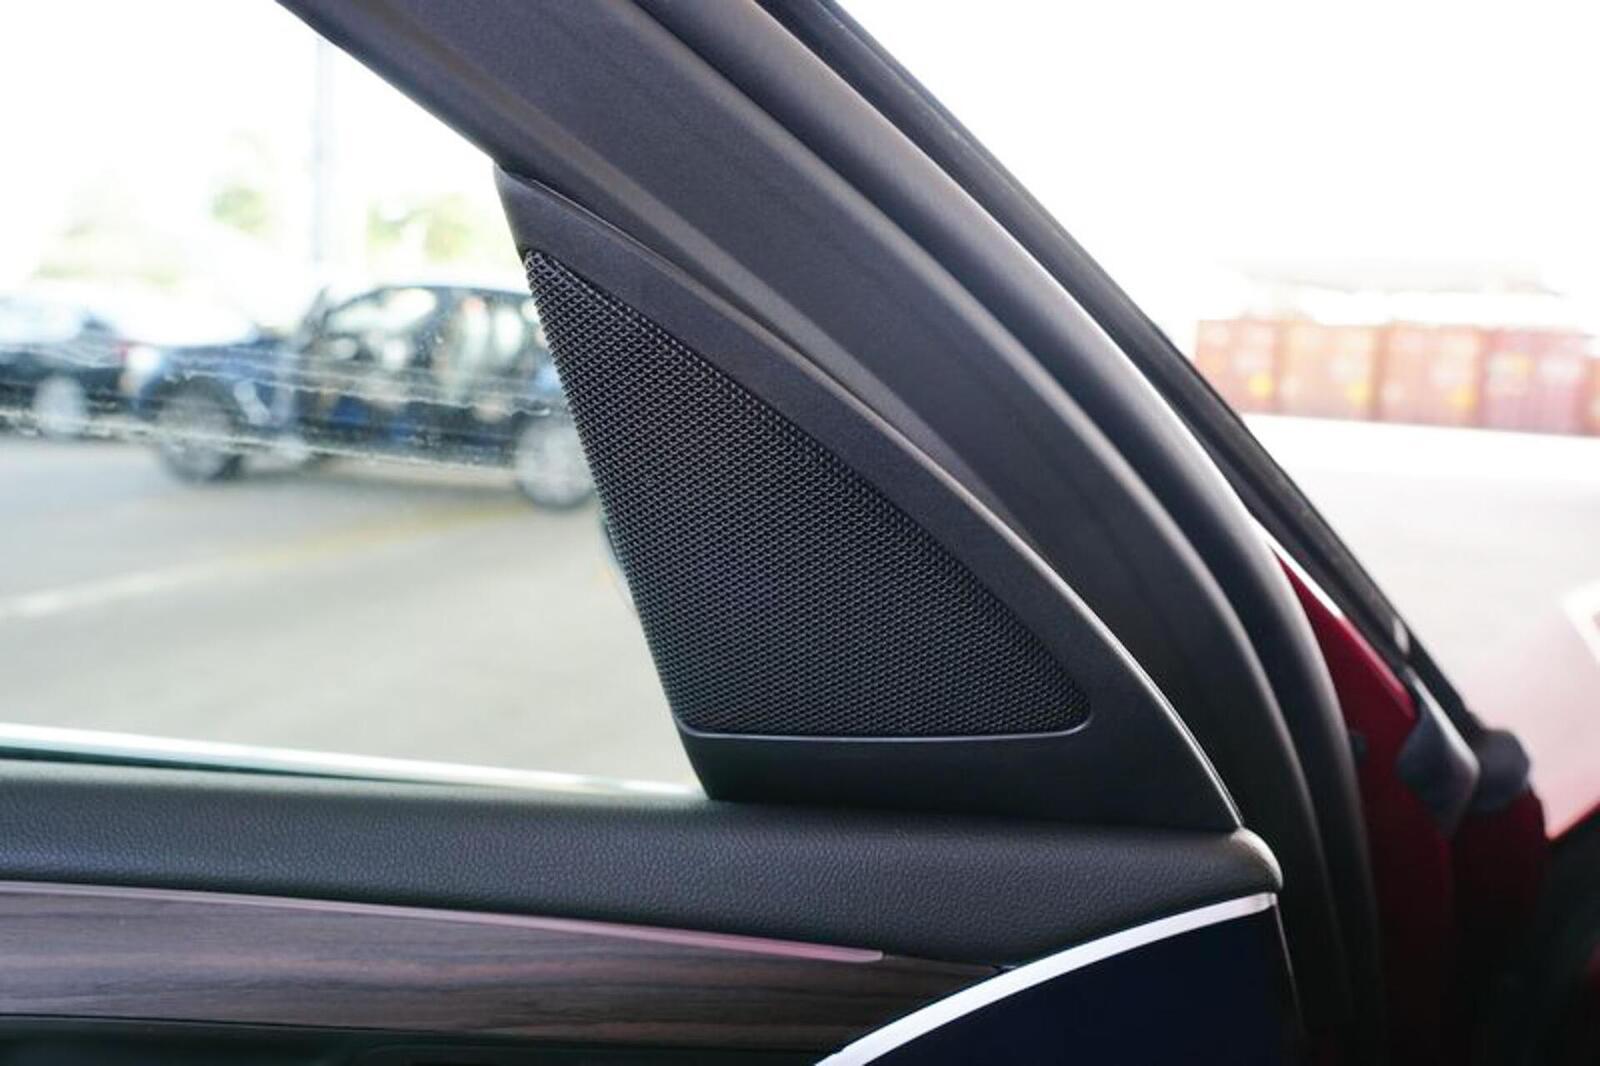 THACO đưa BMW X4 thế hệ mới về cảng; sắp sửa ra mắt; mời các bác dự đoán giá bán - Hình 10